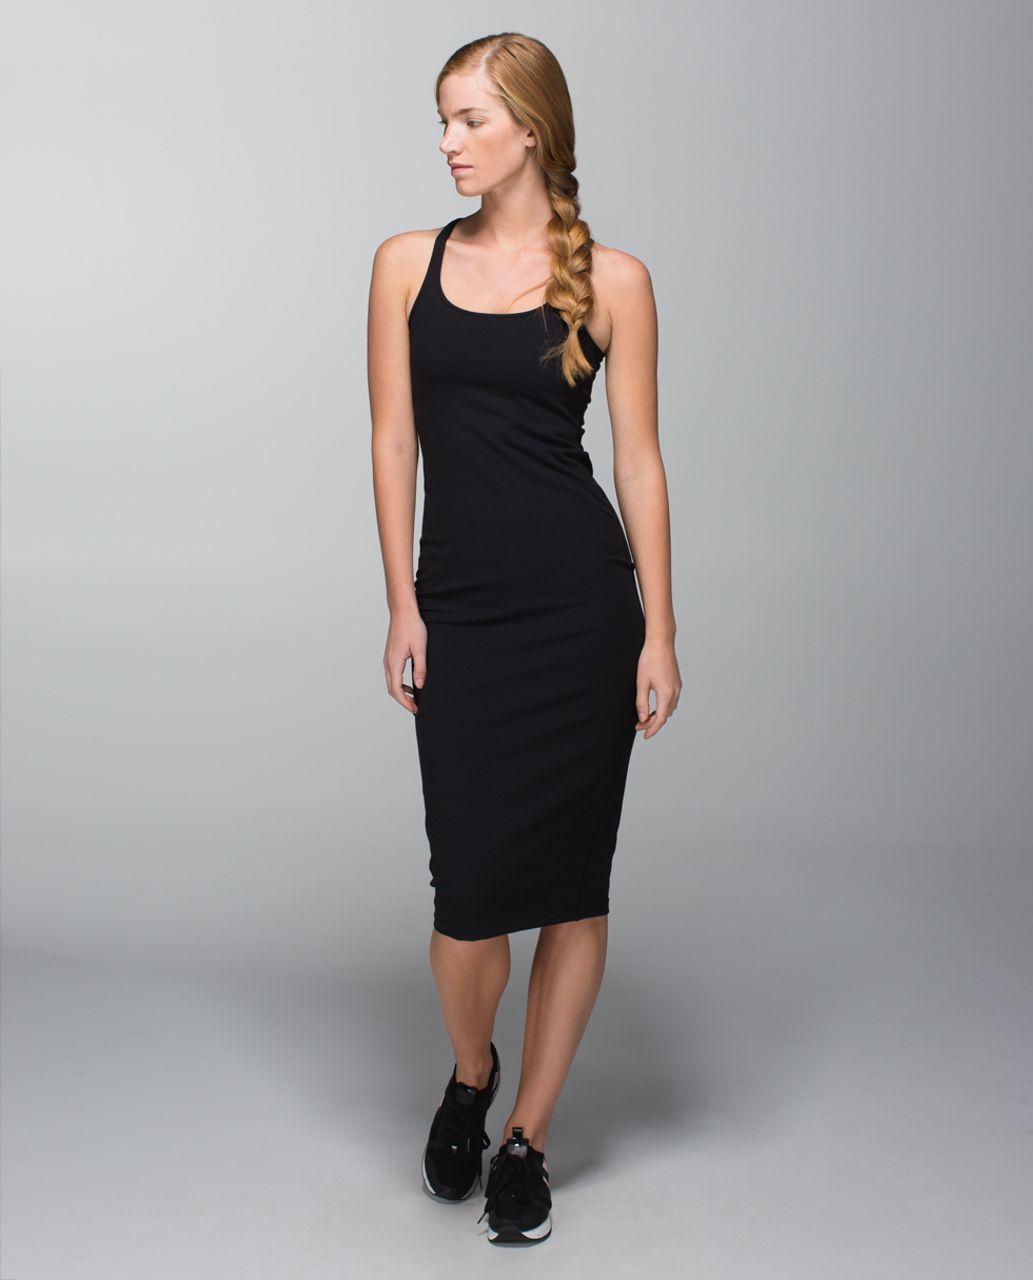 Lululemon Refresher Racer Dress - Black